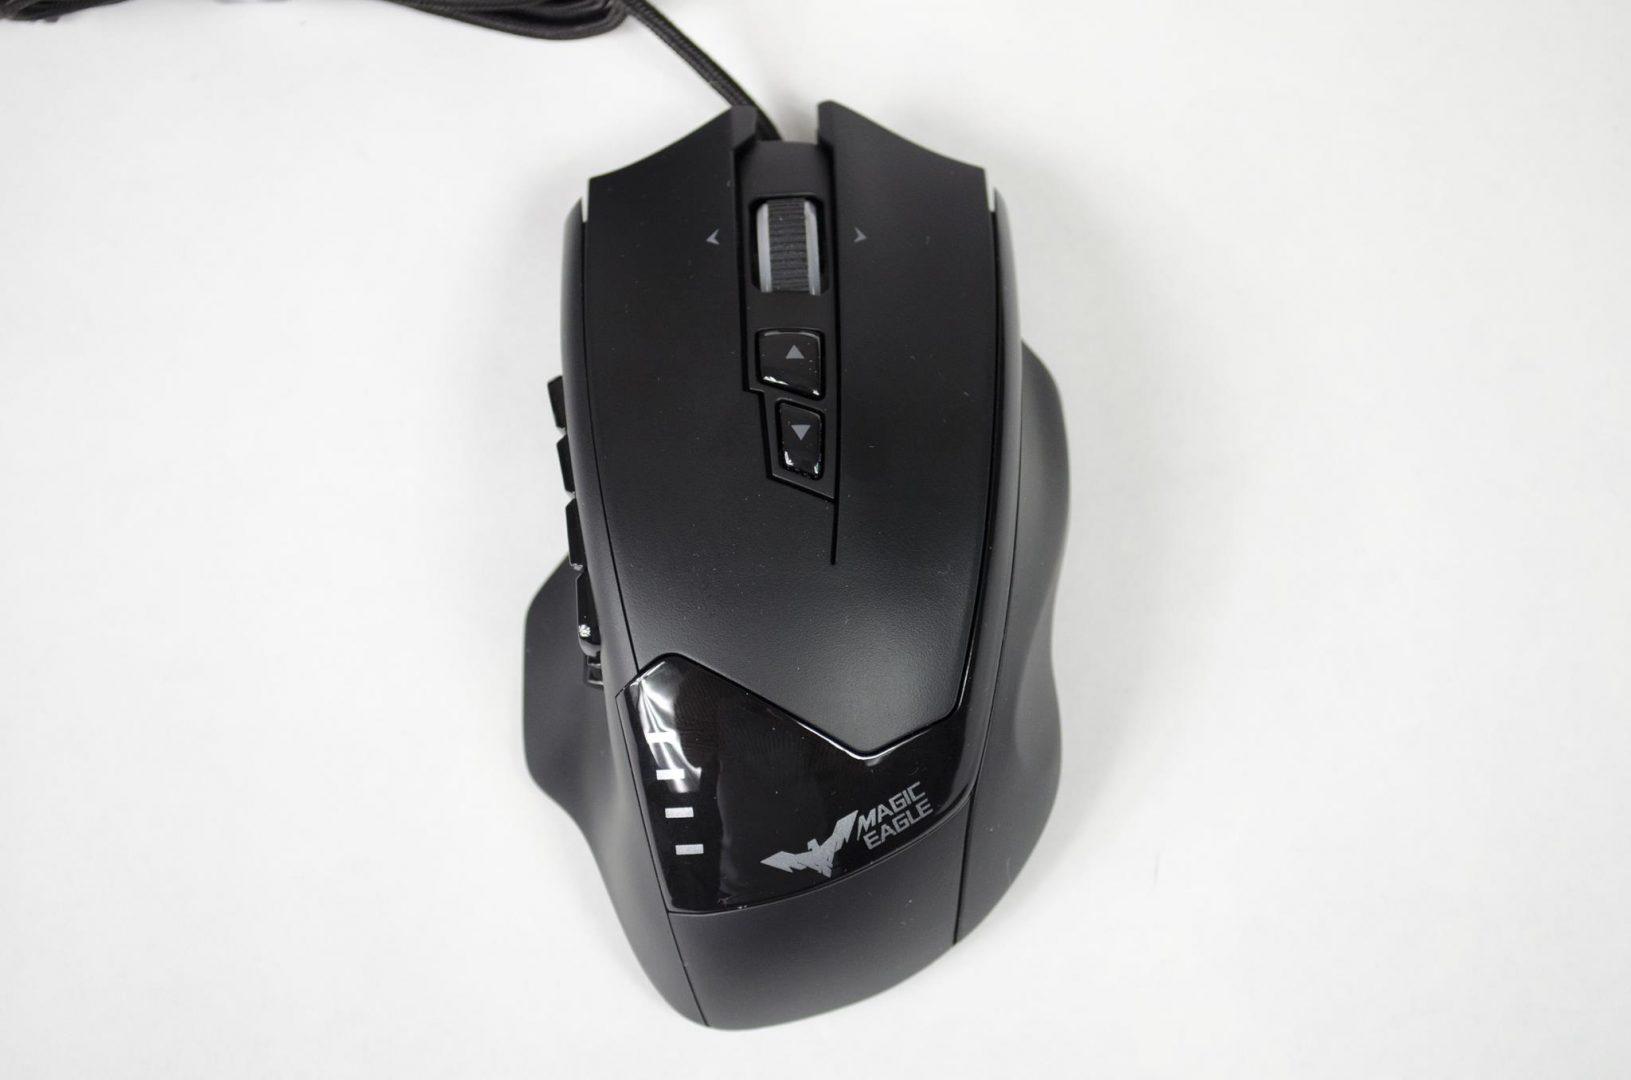 havit-hv-ms735-mouse-review_3